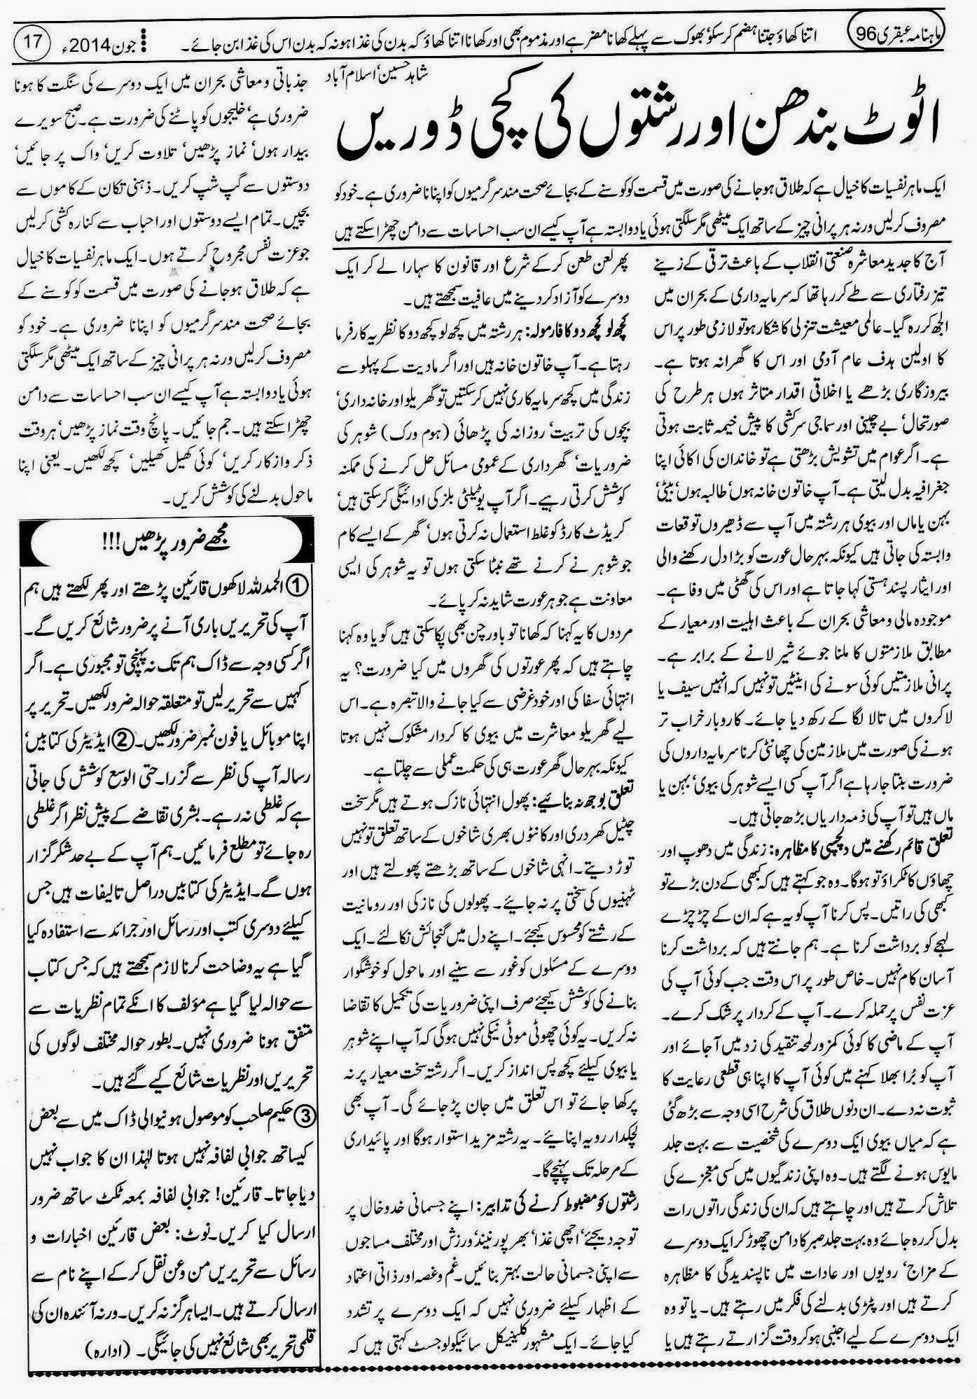 ubqari june 2014 page 17